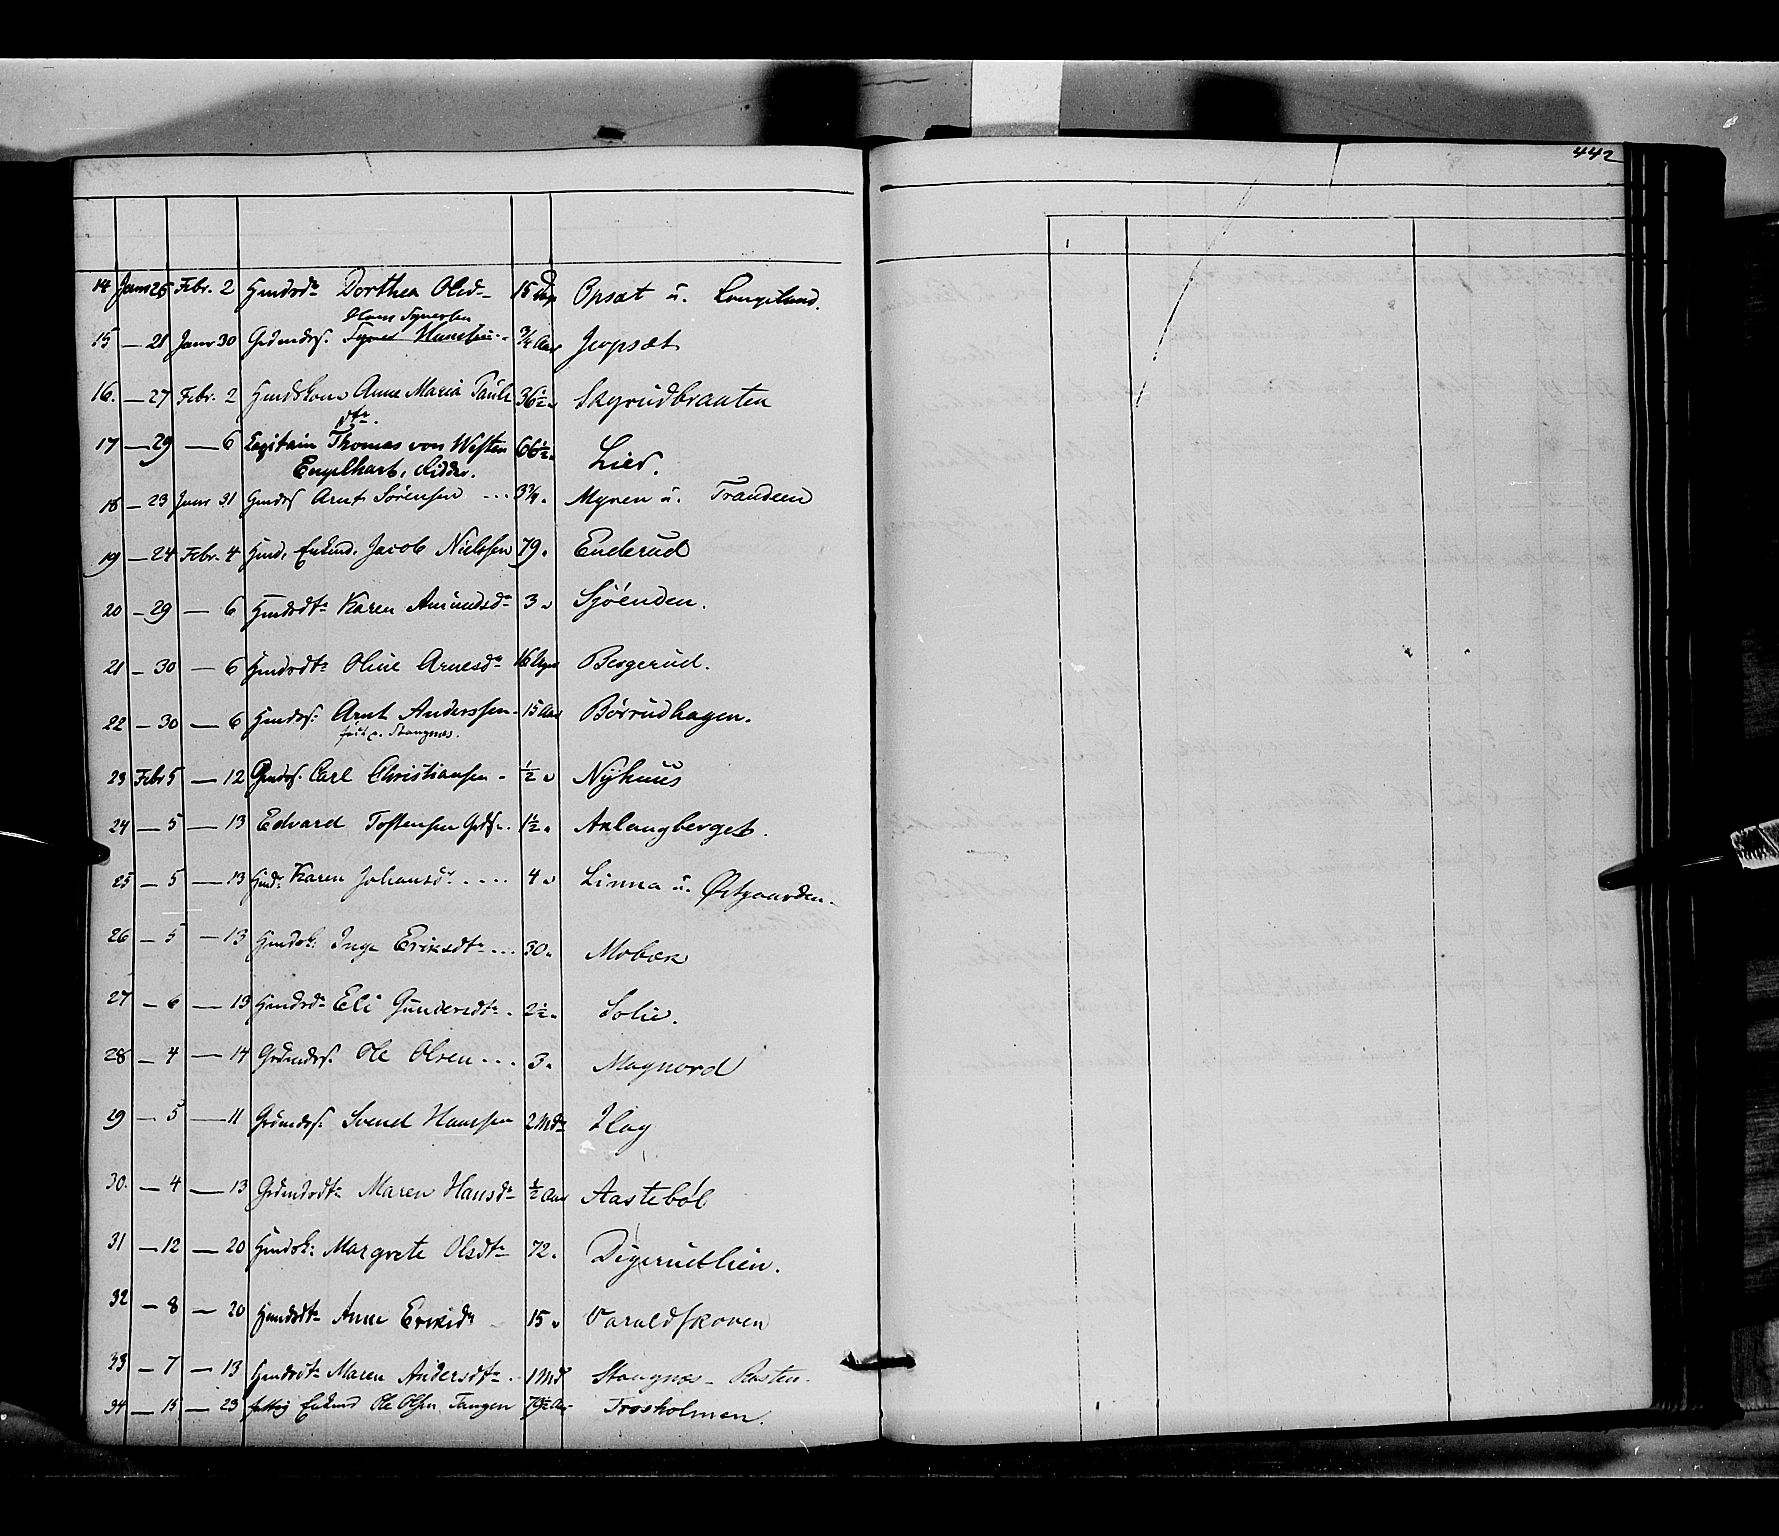 SAH, Vinger prestekontor, Ministerialbok nr. 10, 1855-1861, s. 442